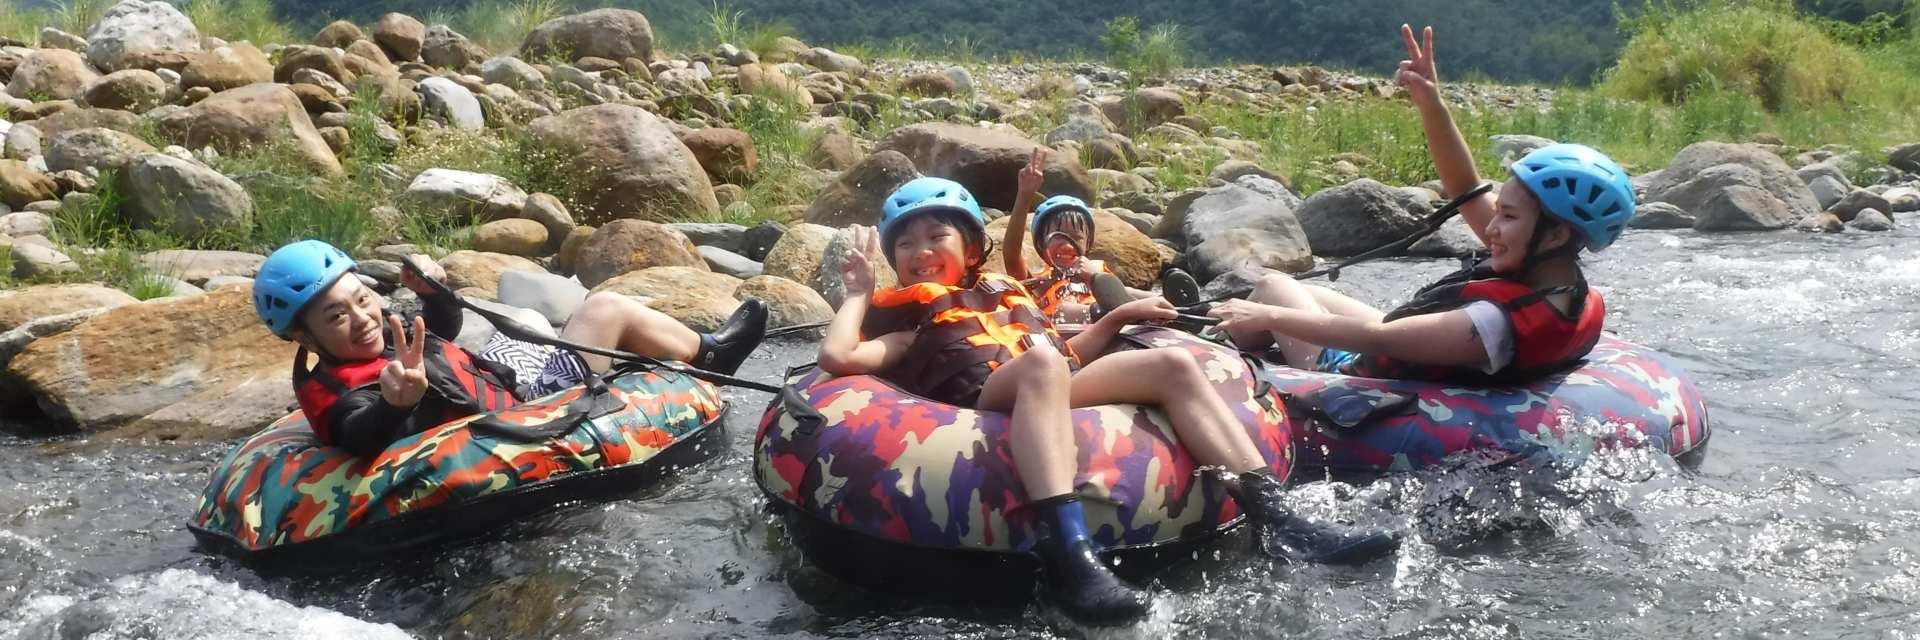 【台湾・宜蘭】自然の中で楽しむエキサイティングなタイヤチューブ川下り